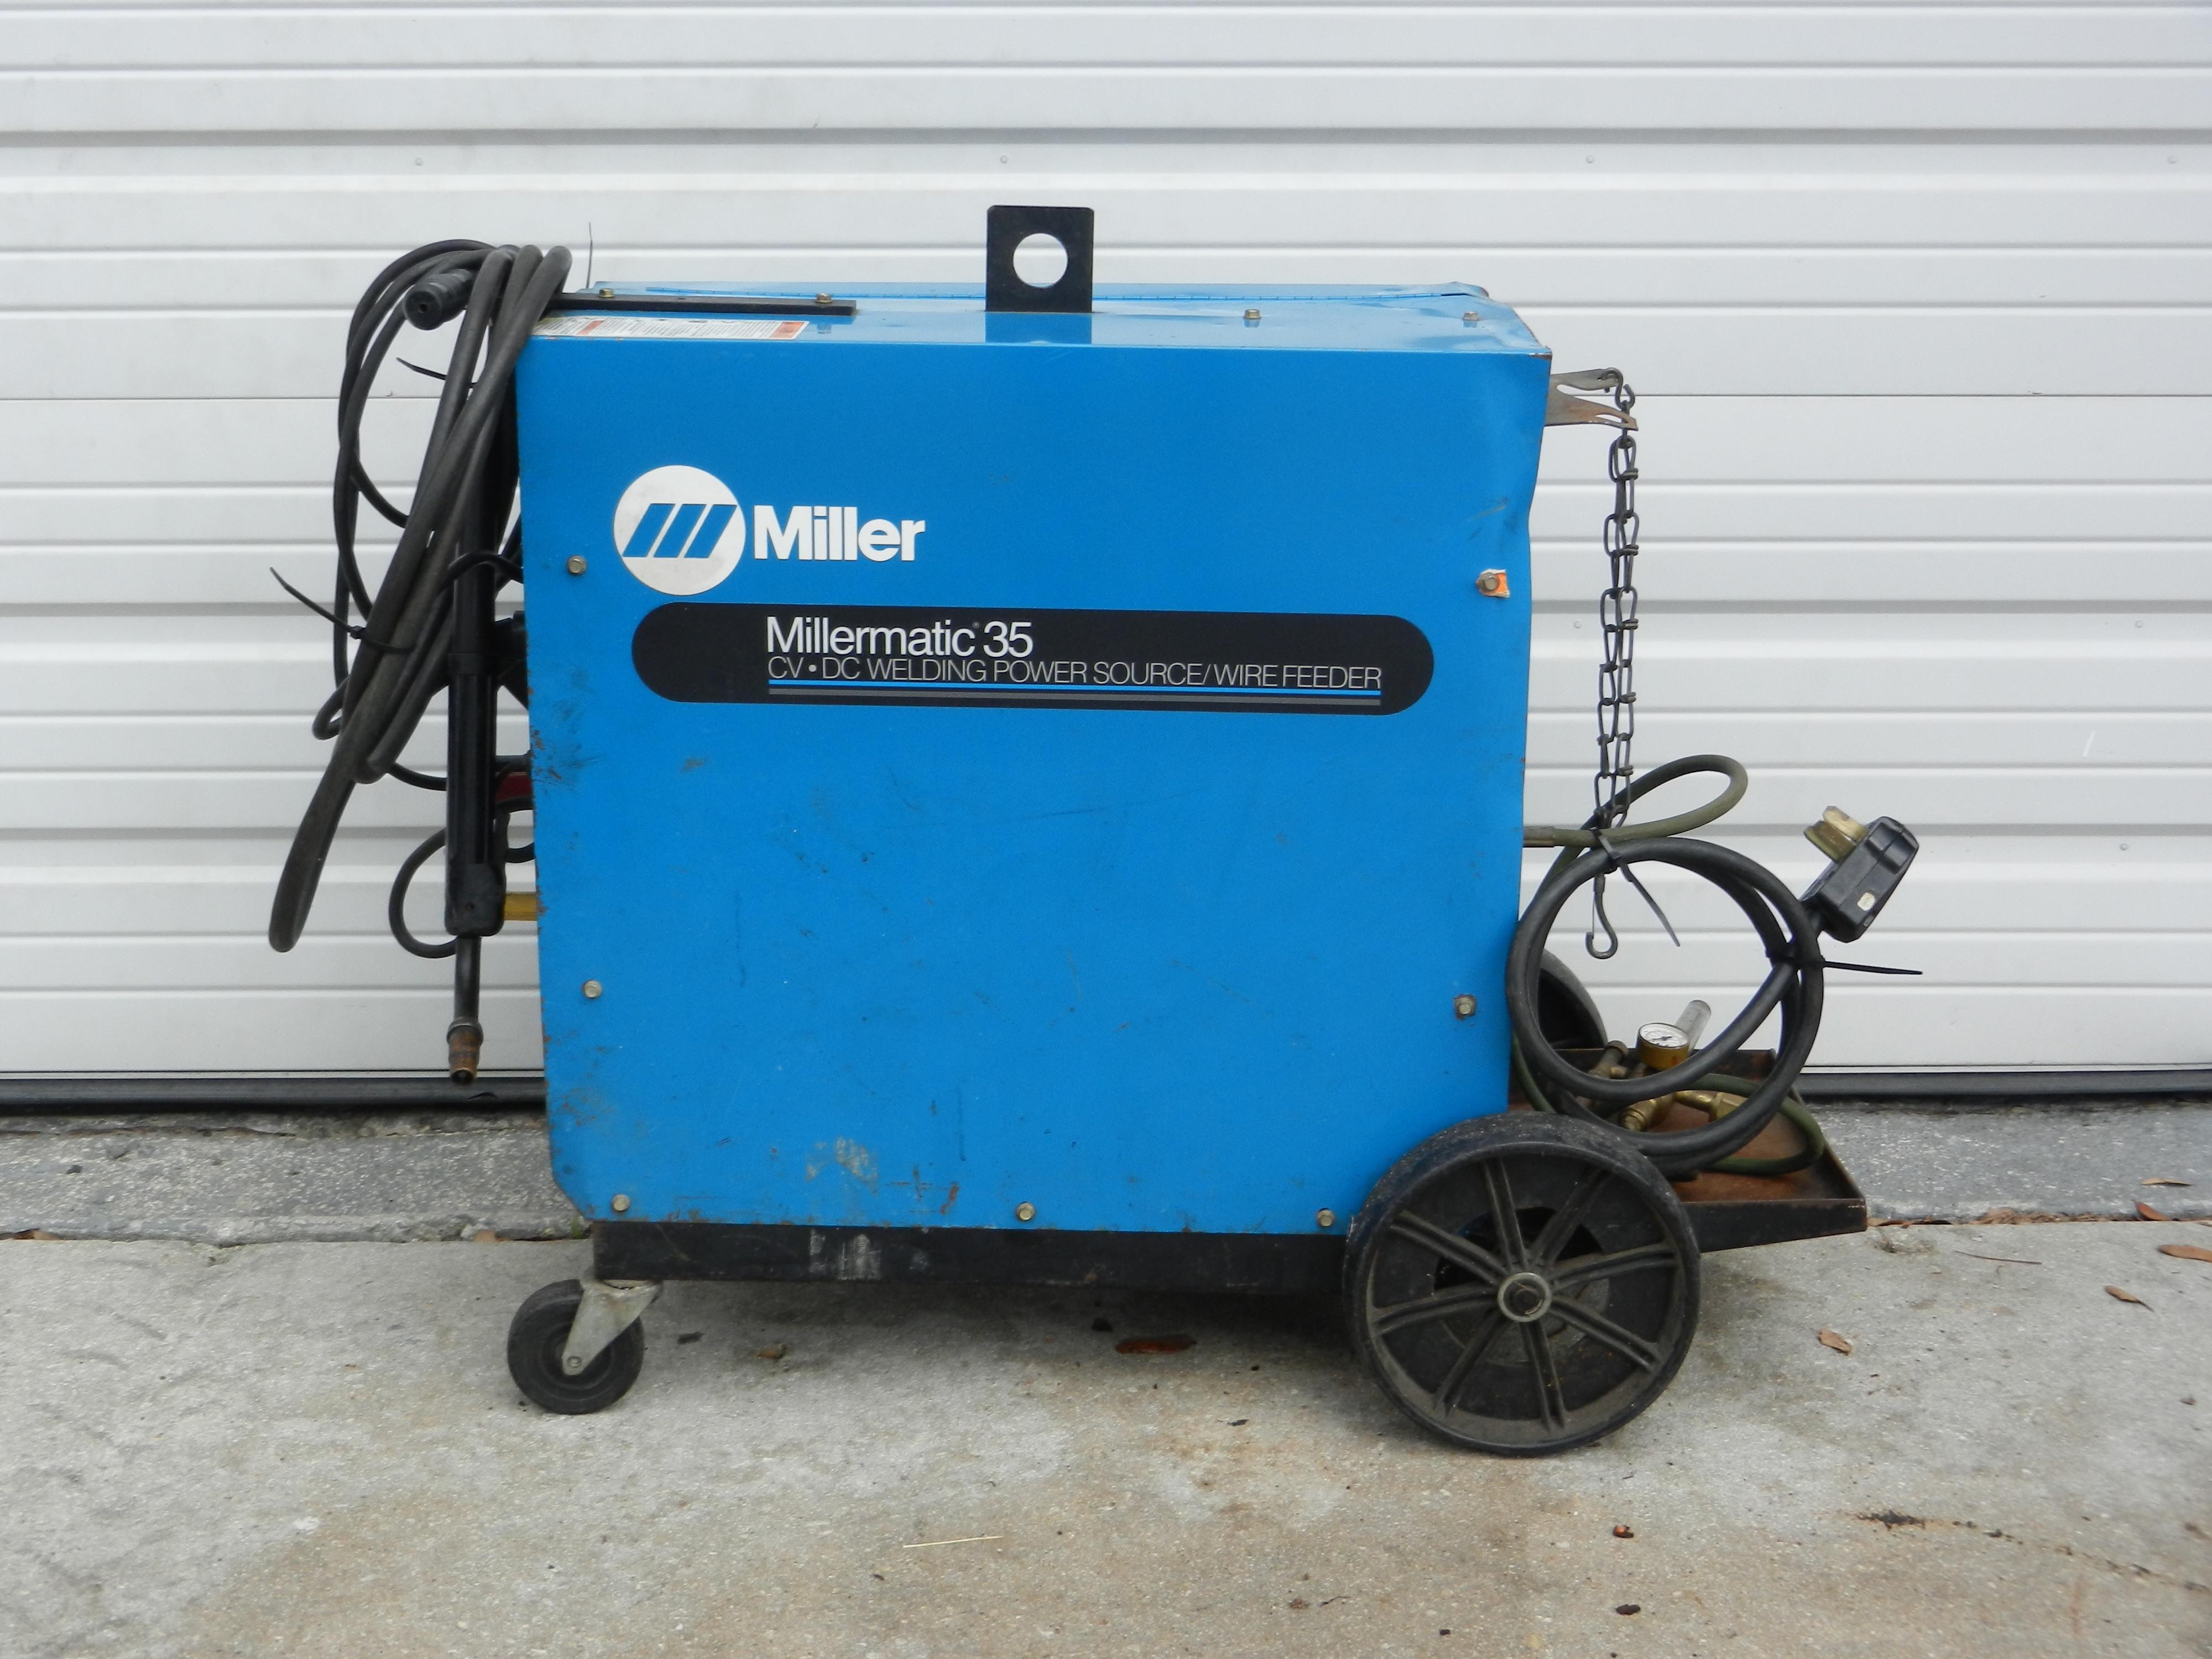 Millermatic 35 MIG Welder Power Source / Wire Feeder System